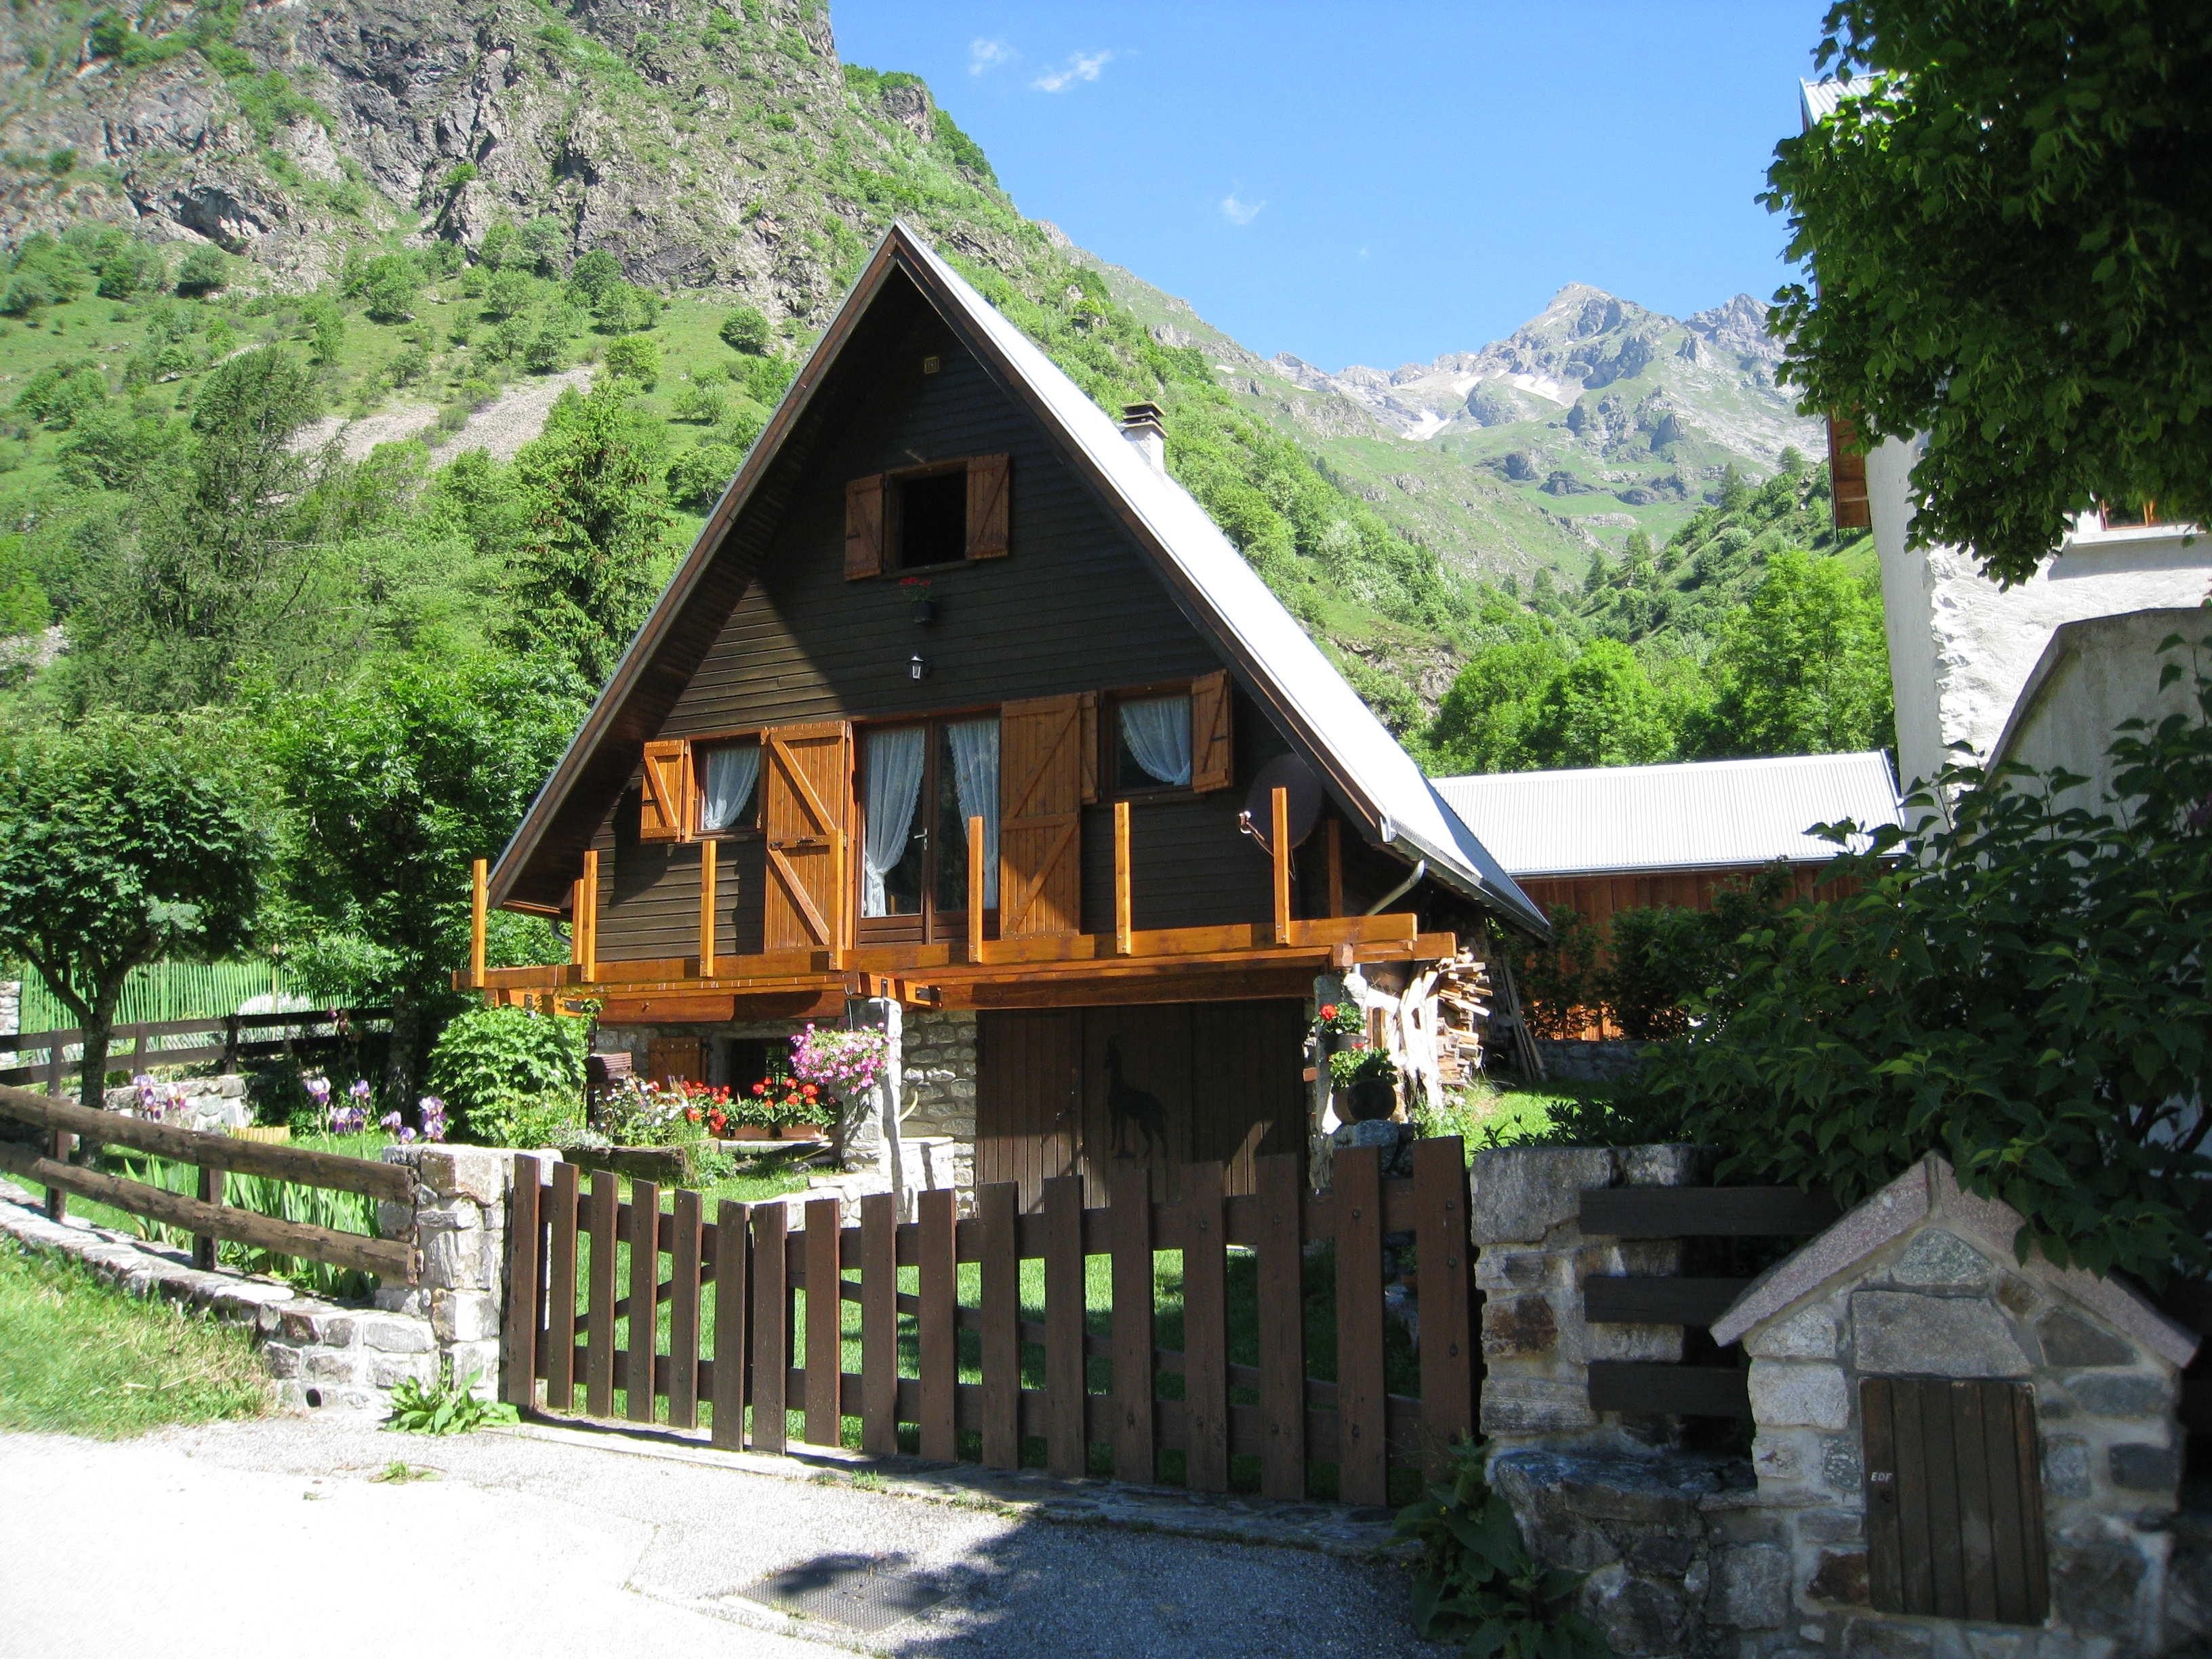 une maison avec en arri re plan les montagnes maison de montagne. Black Bedroom Furniture Sets. Home Design Ideas